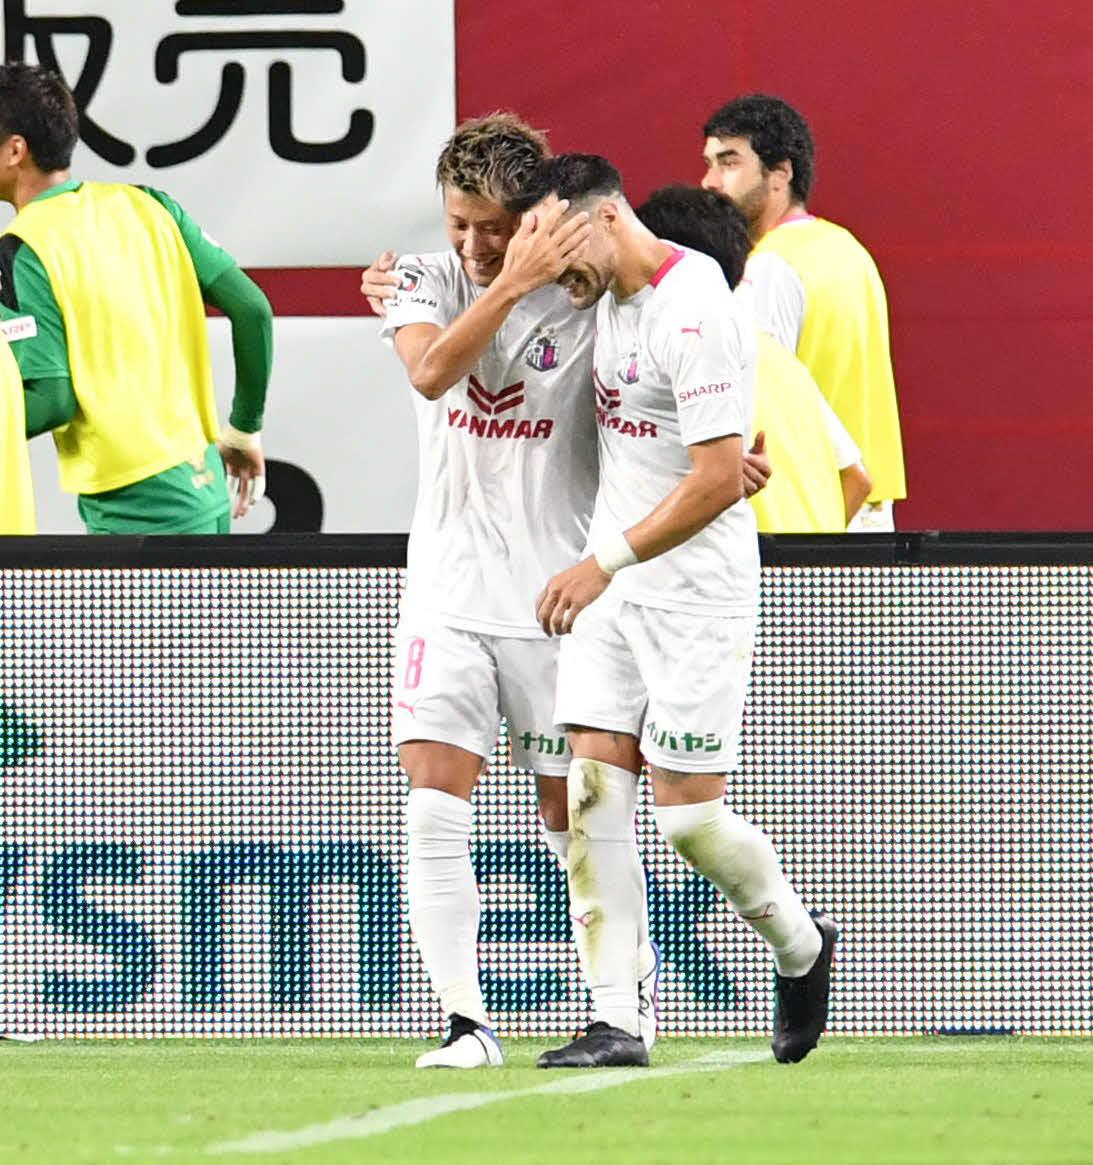 神戸対C大阪 後半、先制ゴールを決めたC大阪MF柿谷(左)は、アシストしたMFレアンドロ・デサバトと喜ぶ(撮影・岩下翔太)